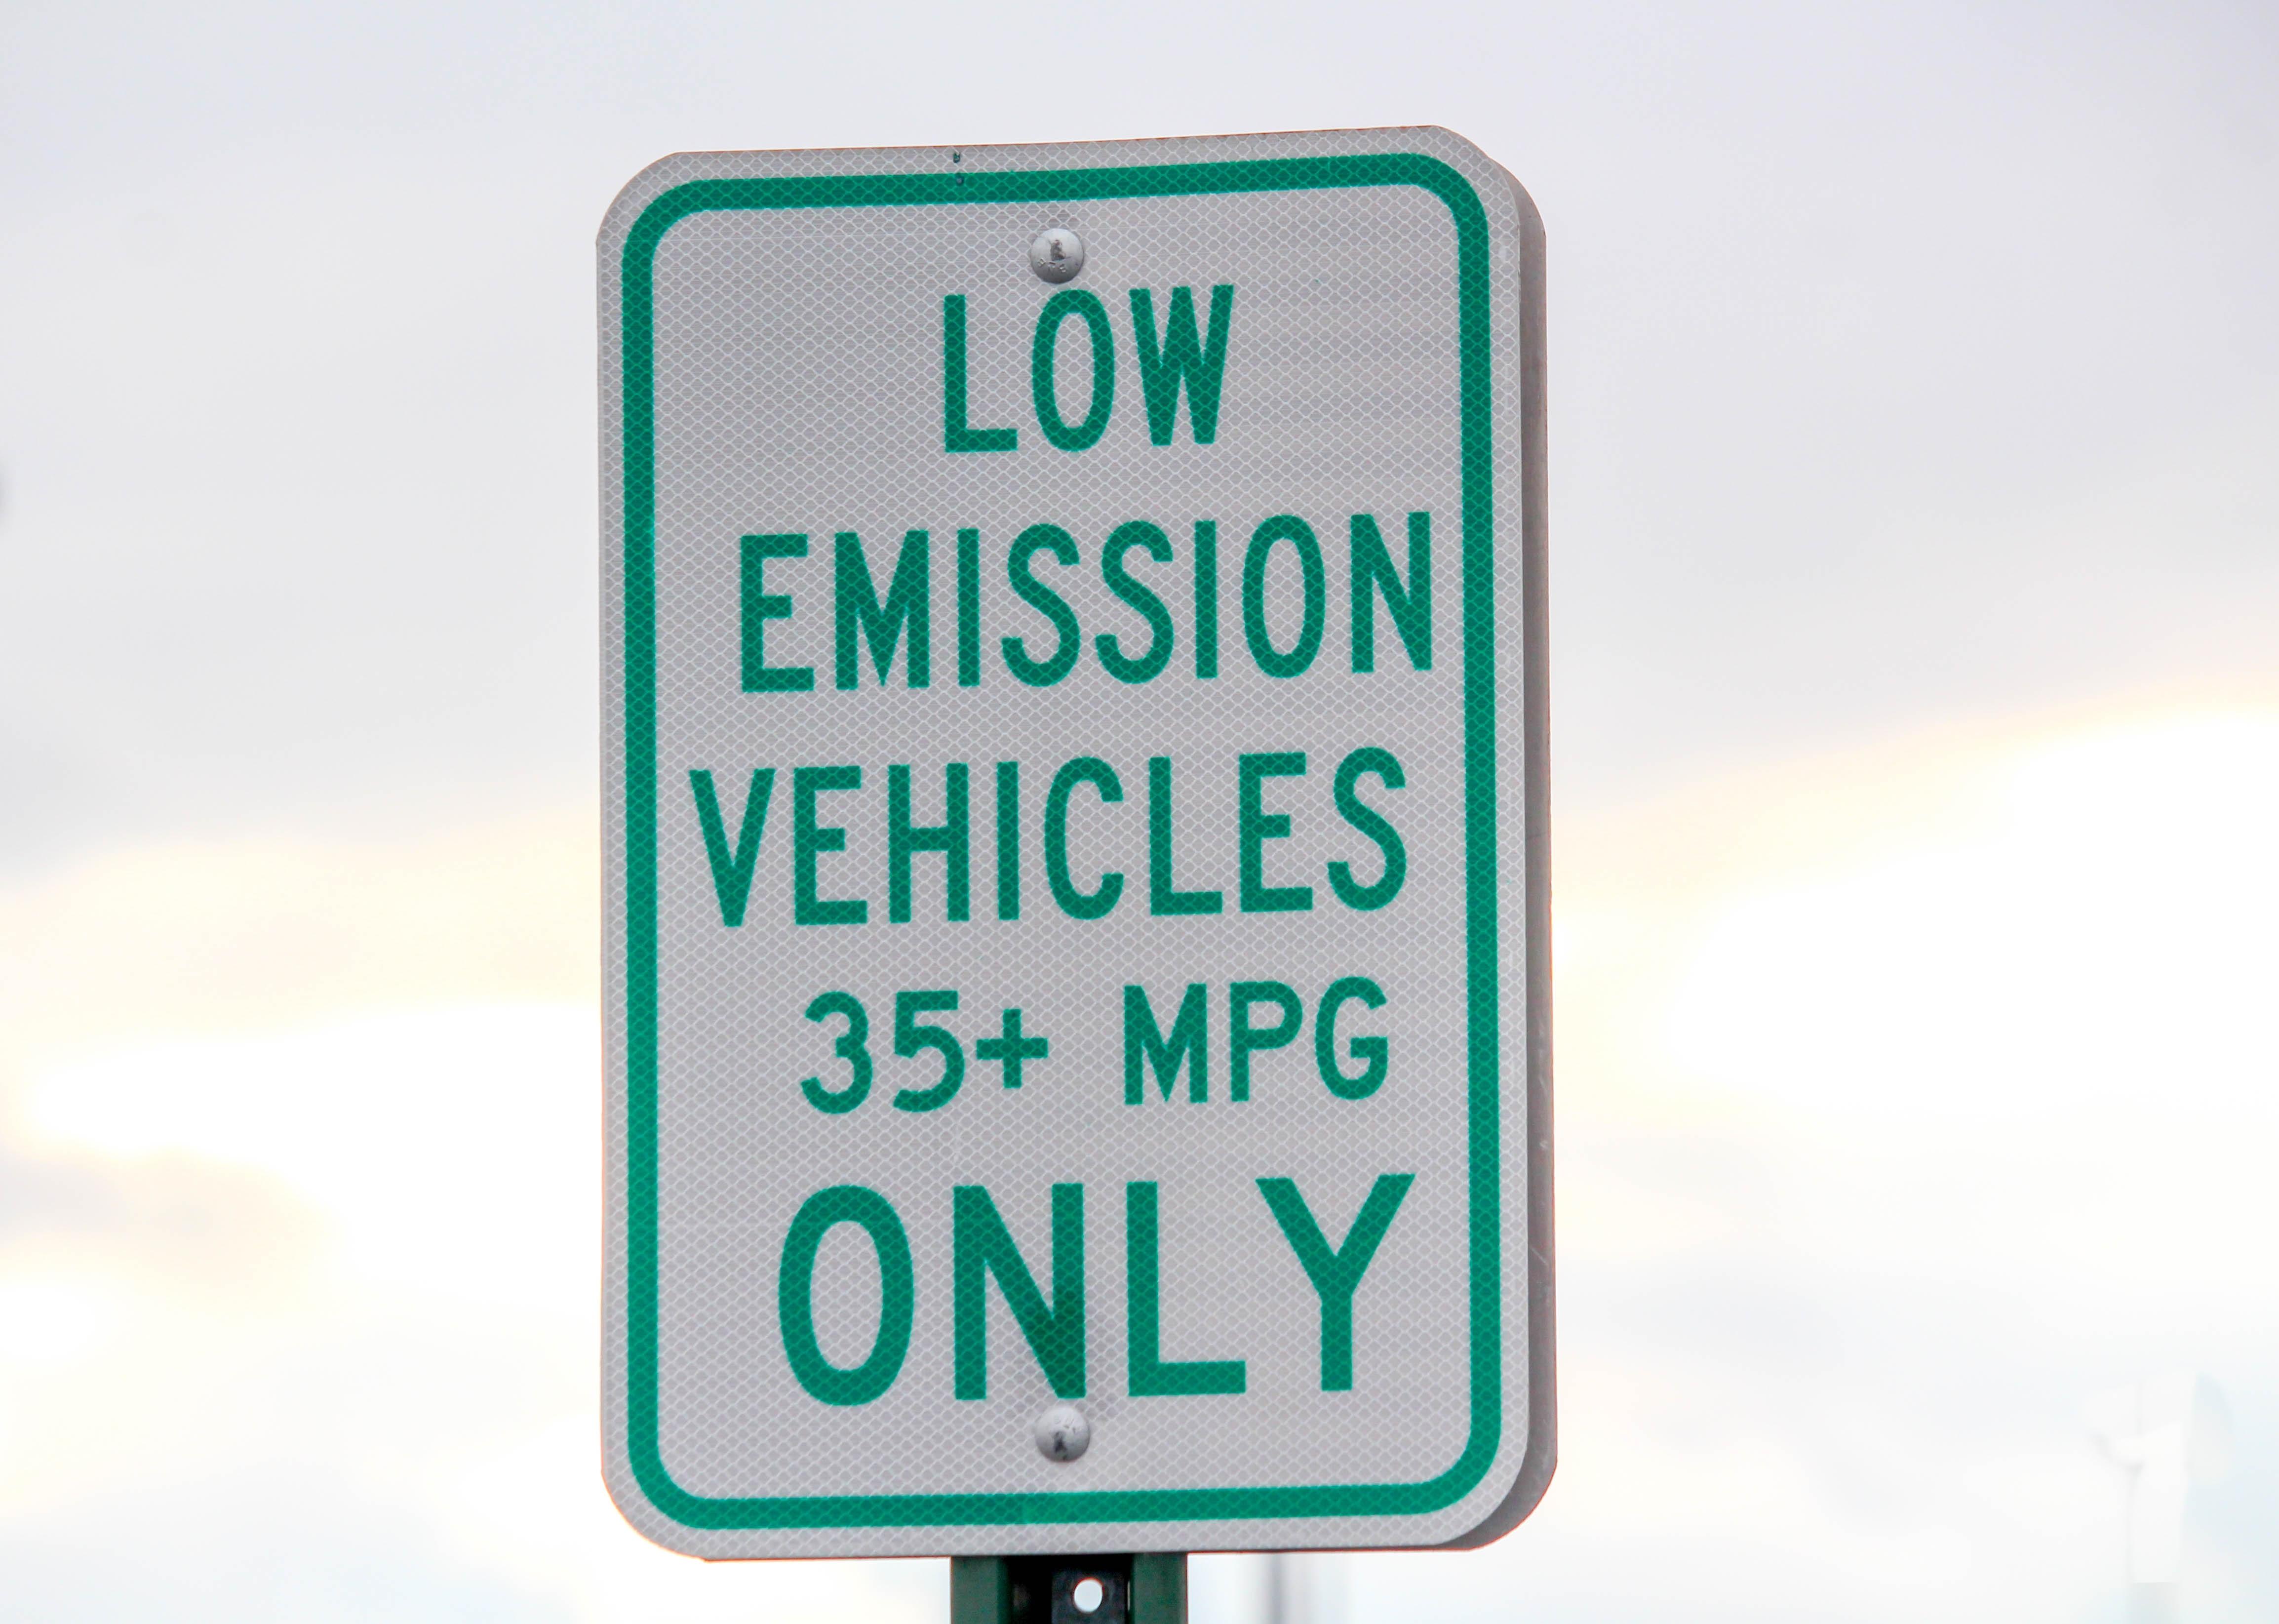 Errores (¿intencionados?) en las mediciones de emisiones vehículos, competencia y política medioambiental europea.